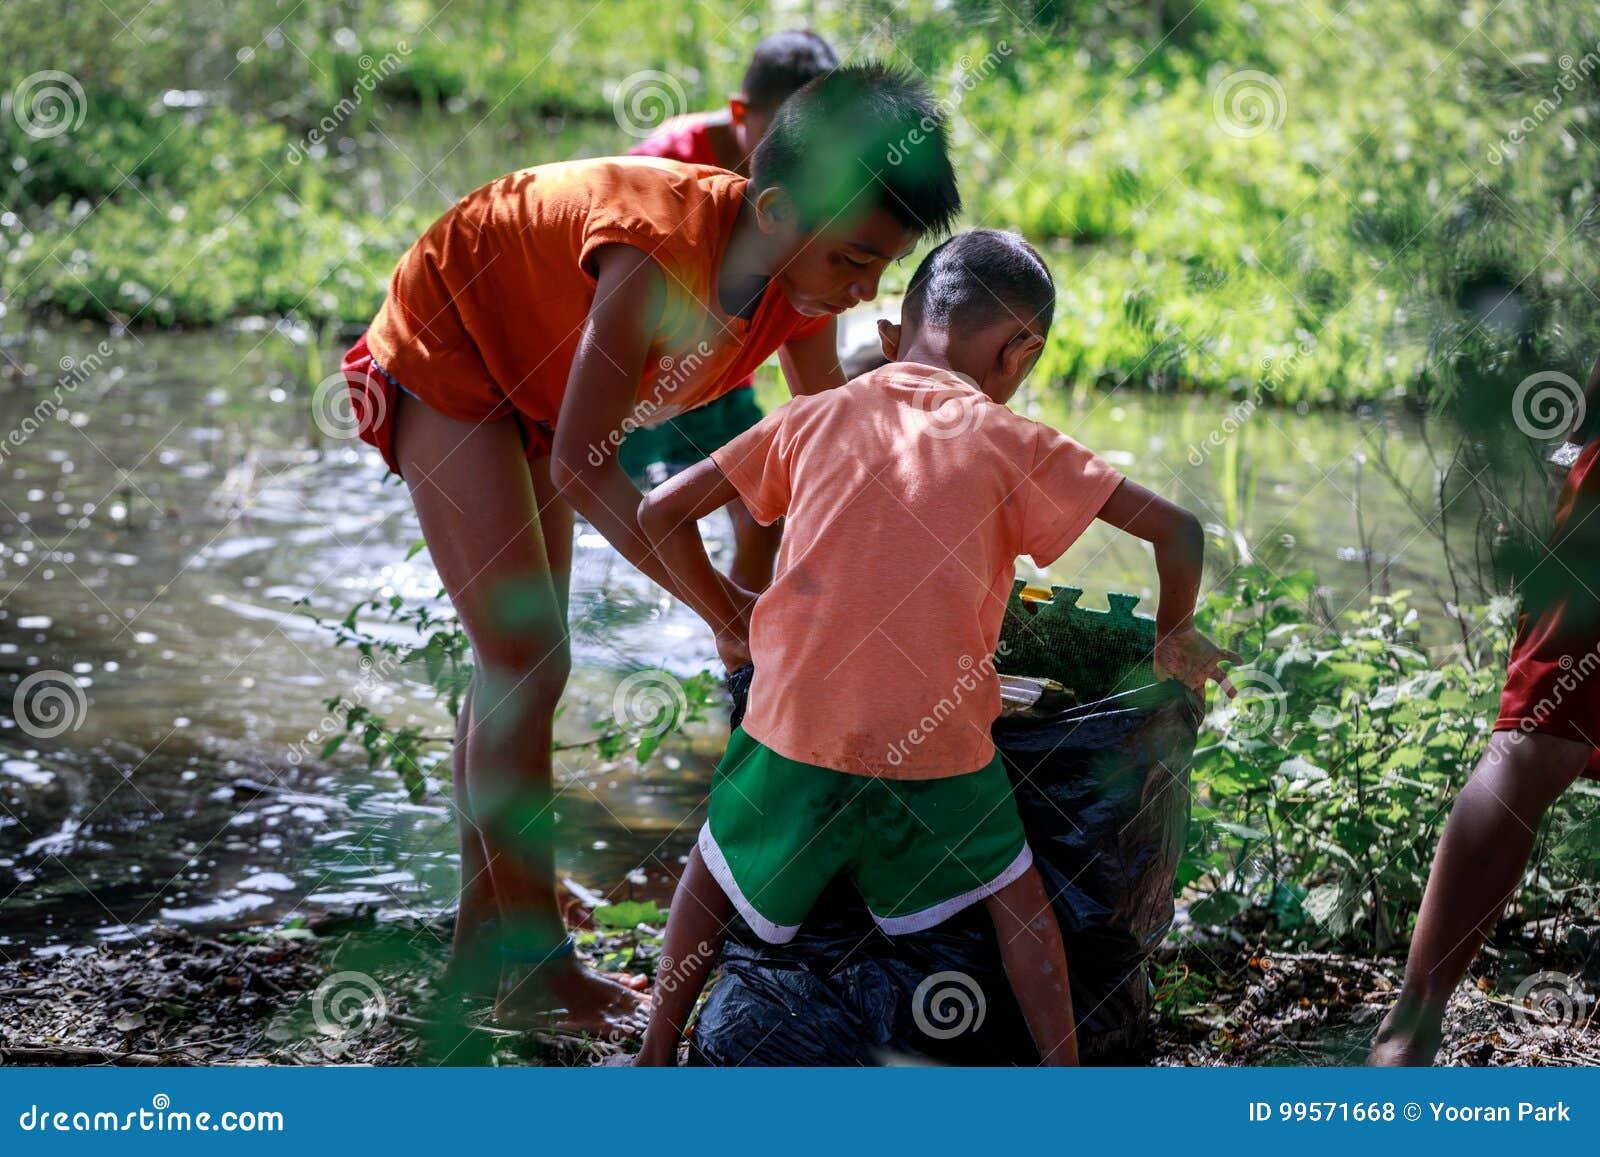 Frohe Weihnachten Philippinisch.Philippinische Kinder Die Abfall Nahen Berg Pinatubo Am 27